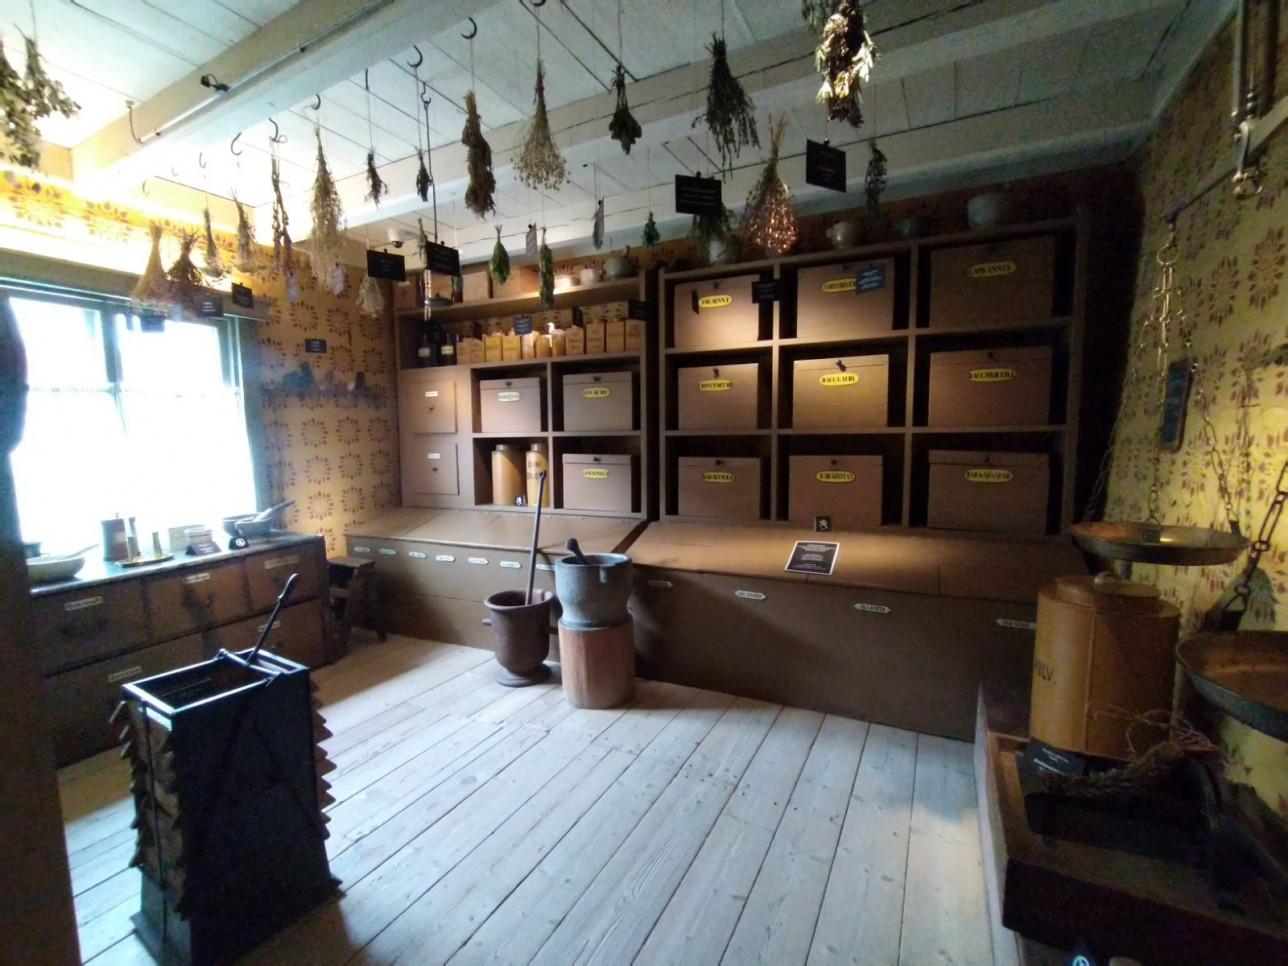 Apteekkimuseon sisätila. Katosta roikkuu kuivattuja yrttikimppuja, taustalla tummaa puuta olevia hyllyjä. Vasemmalla olevasta ikkunasta lankeaa valoa huoneeseen